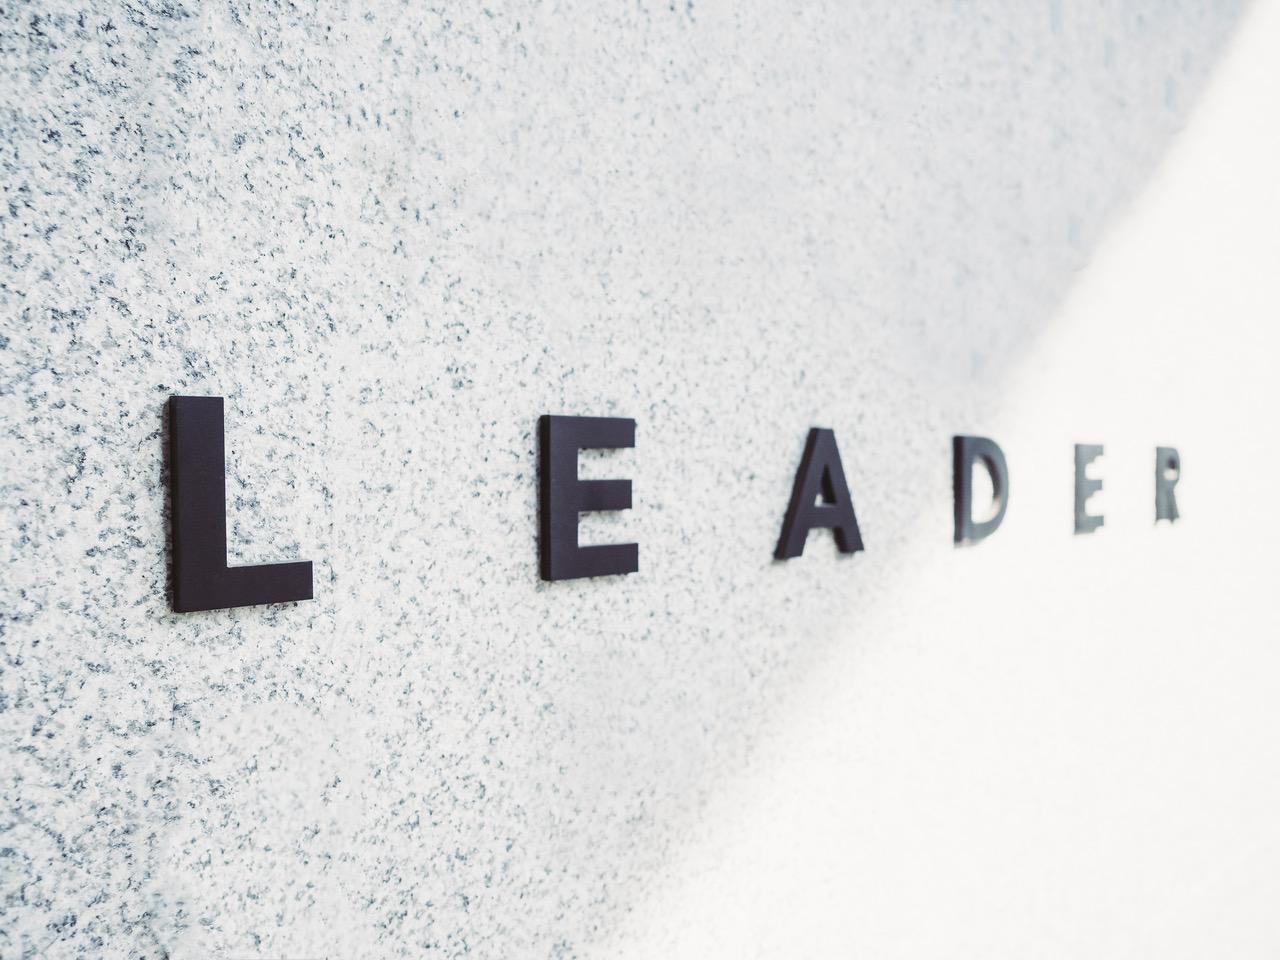 Erfolgreiche Führungskraft durch professionelles Coaching